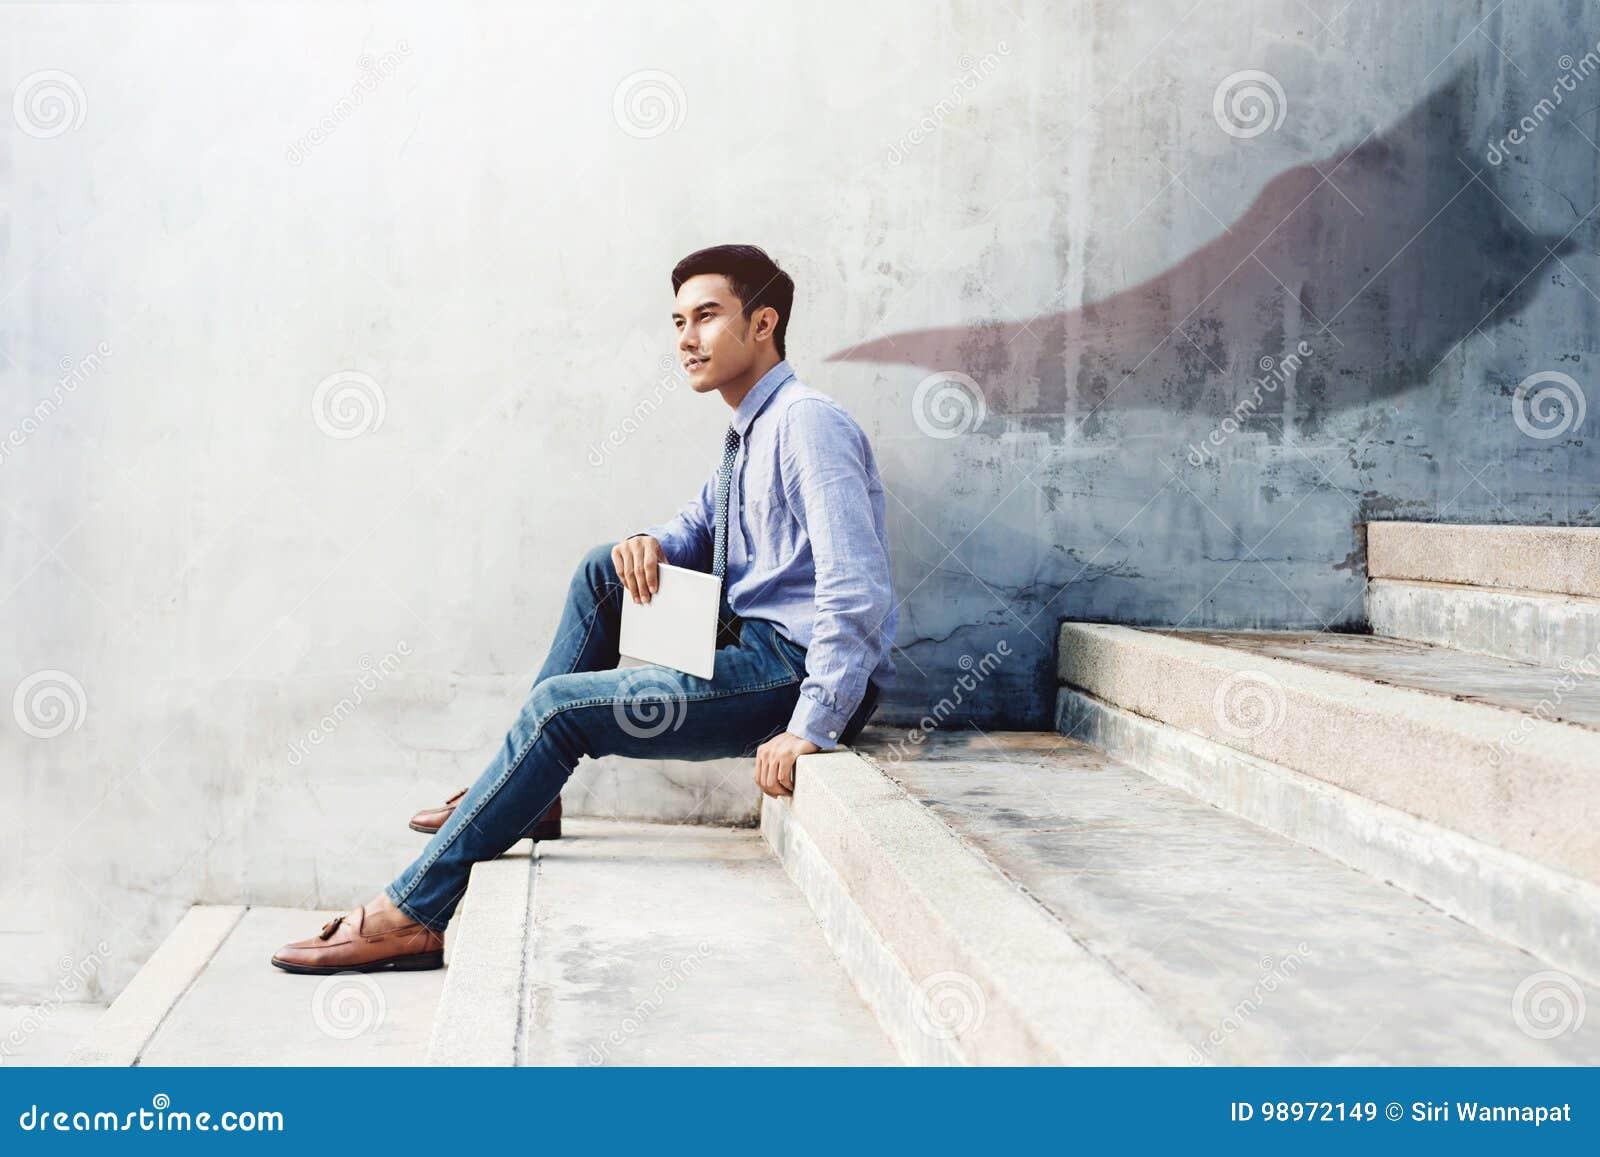 Η δύναμη, η επιτυχία και η ηγεσία στην επιχειρησιακή έννοια, νεαρός άνδρας κάθονται